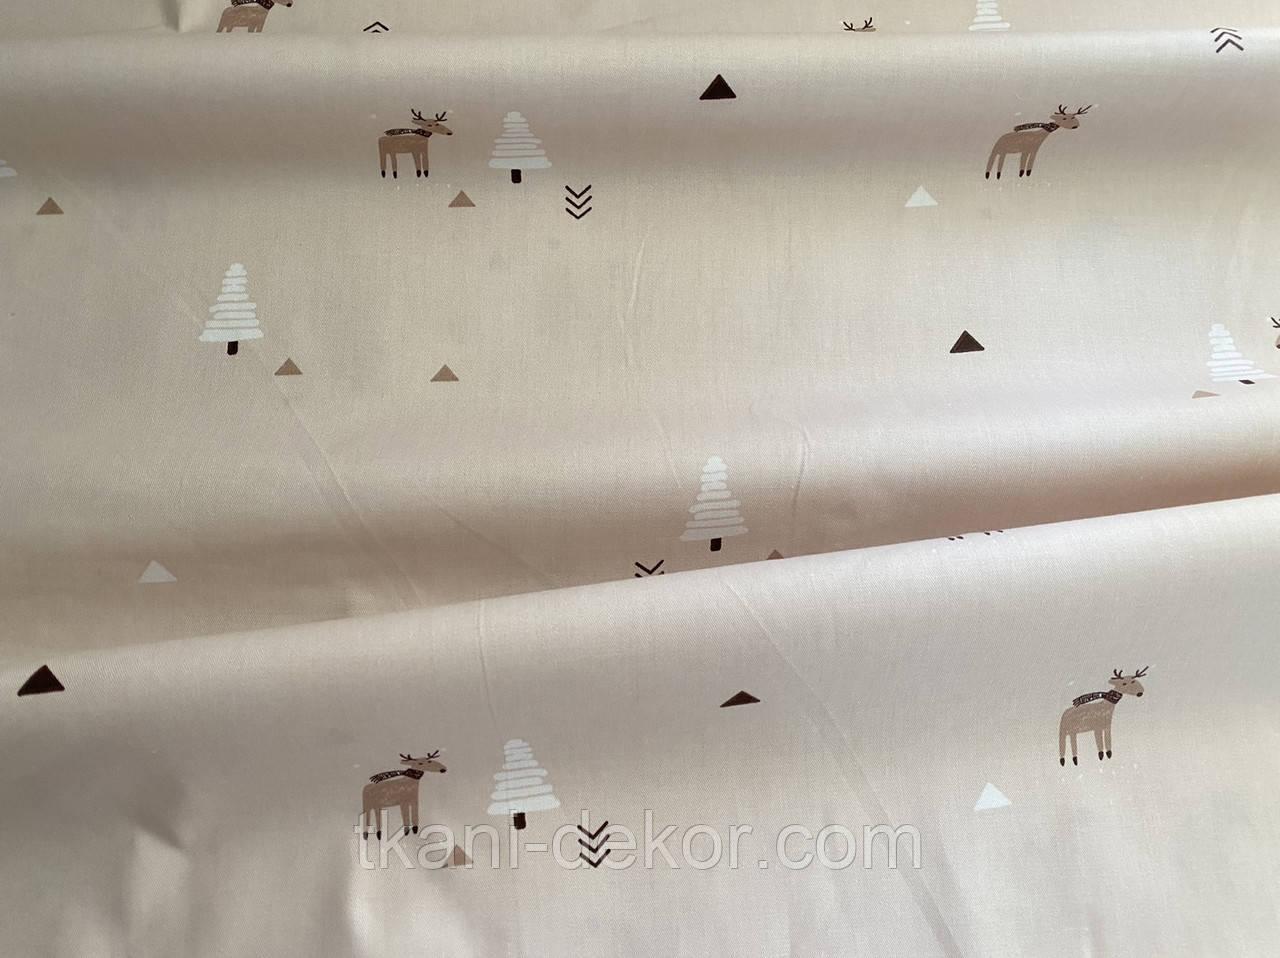 Сатин (бавовняна тканина) на беже лосі, стрілочки, ялинки